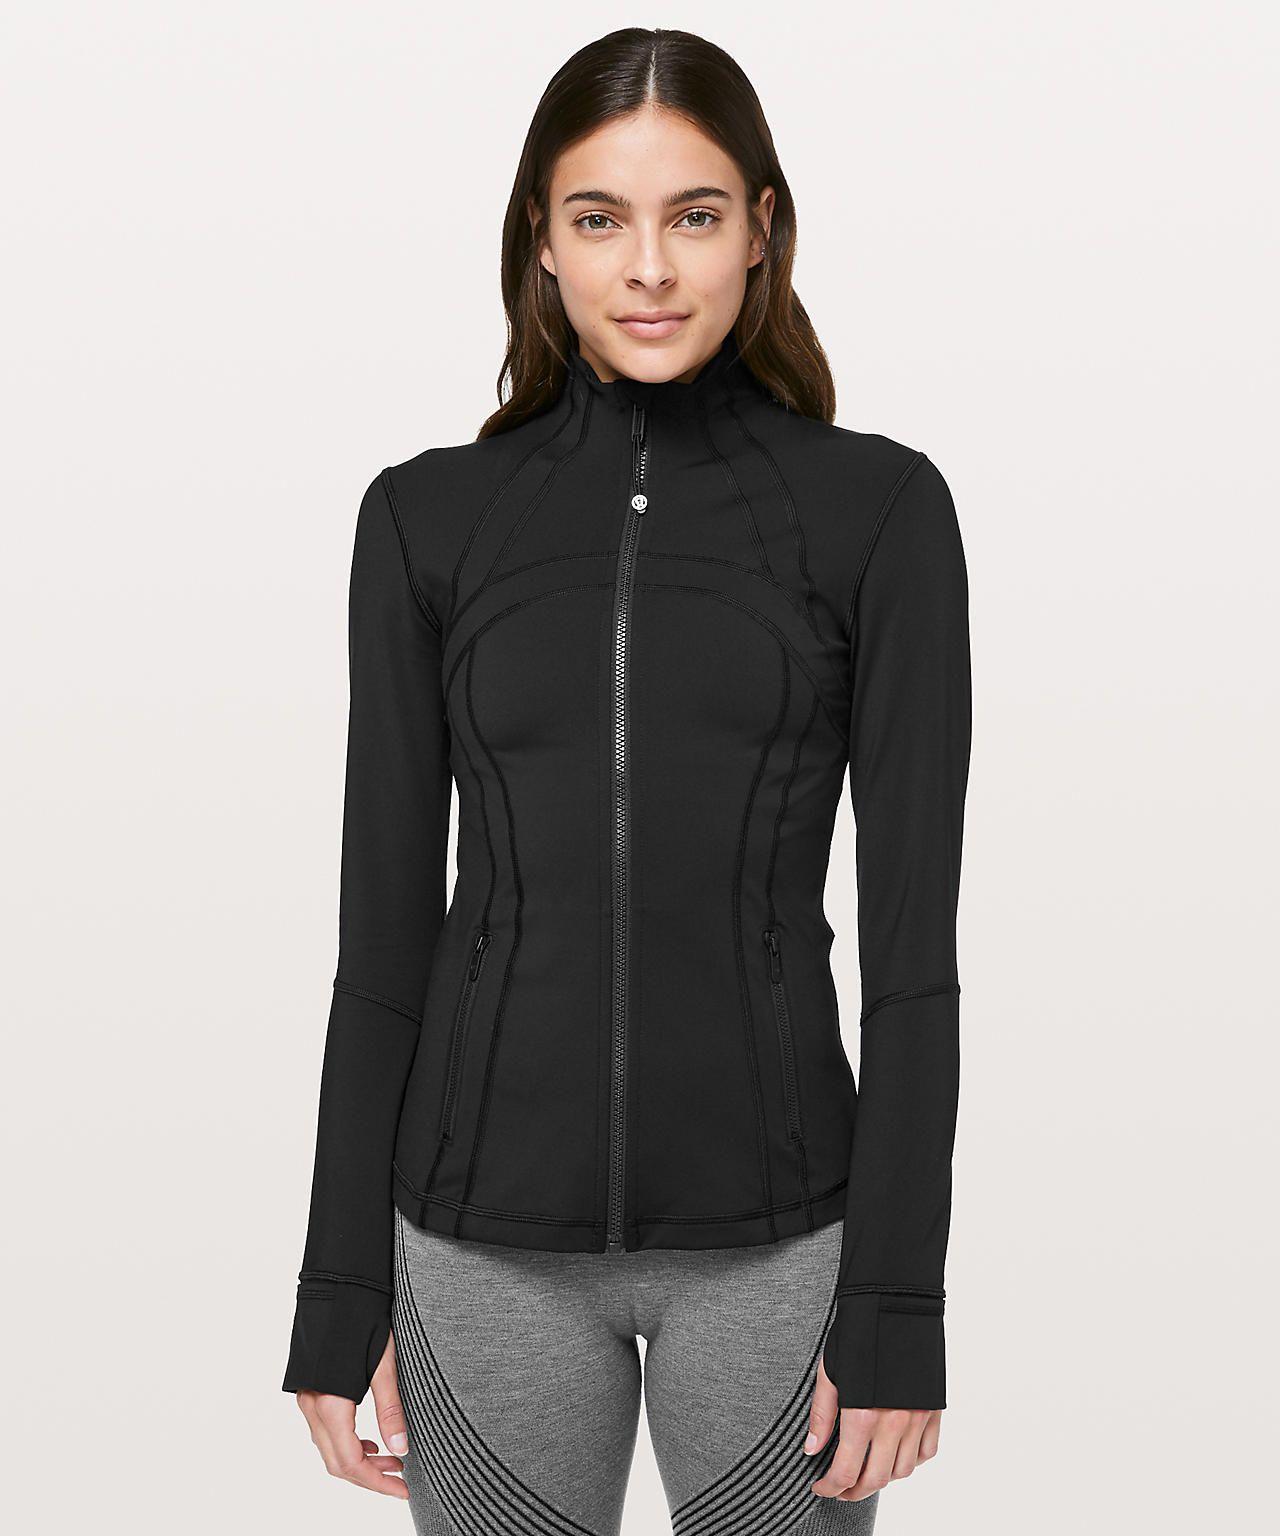 Define Jacket Nulux Women S Jackets Outerwear Lululemon Jackets For Women Jackets Outerwear Jackets [ 1536 x 1280 Pixel ]